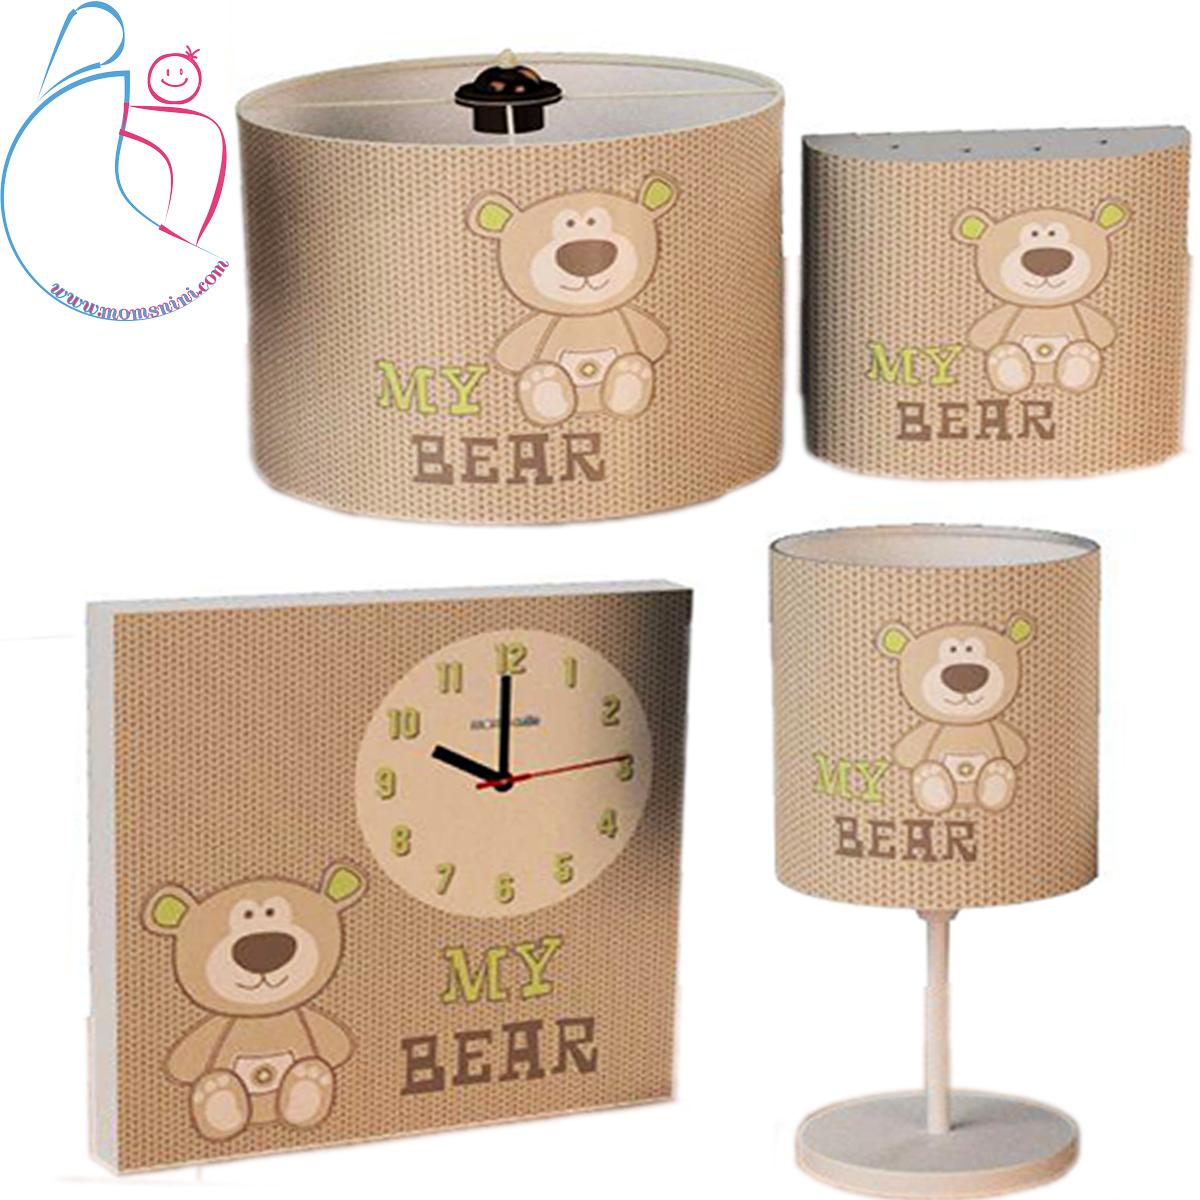 ست۴تکه ساعت دیواری و روشنایی اتاق کودک مدل خرس من